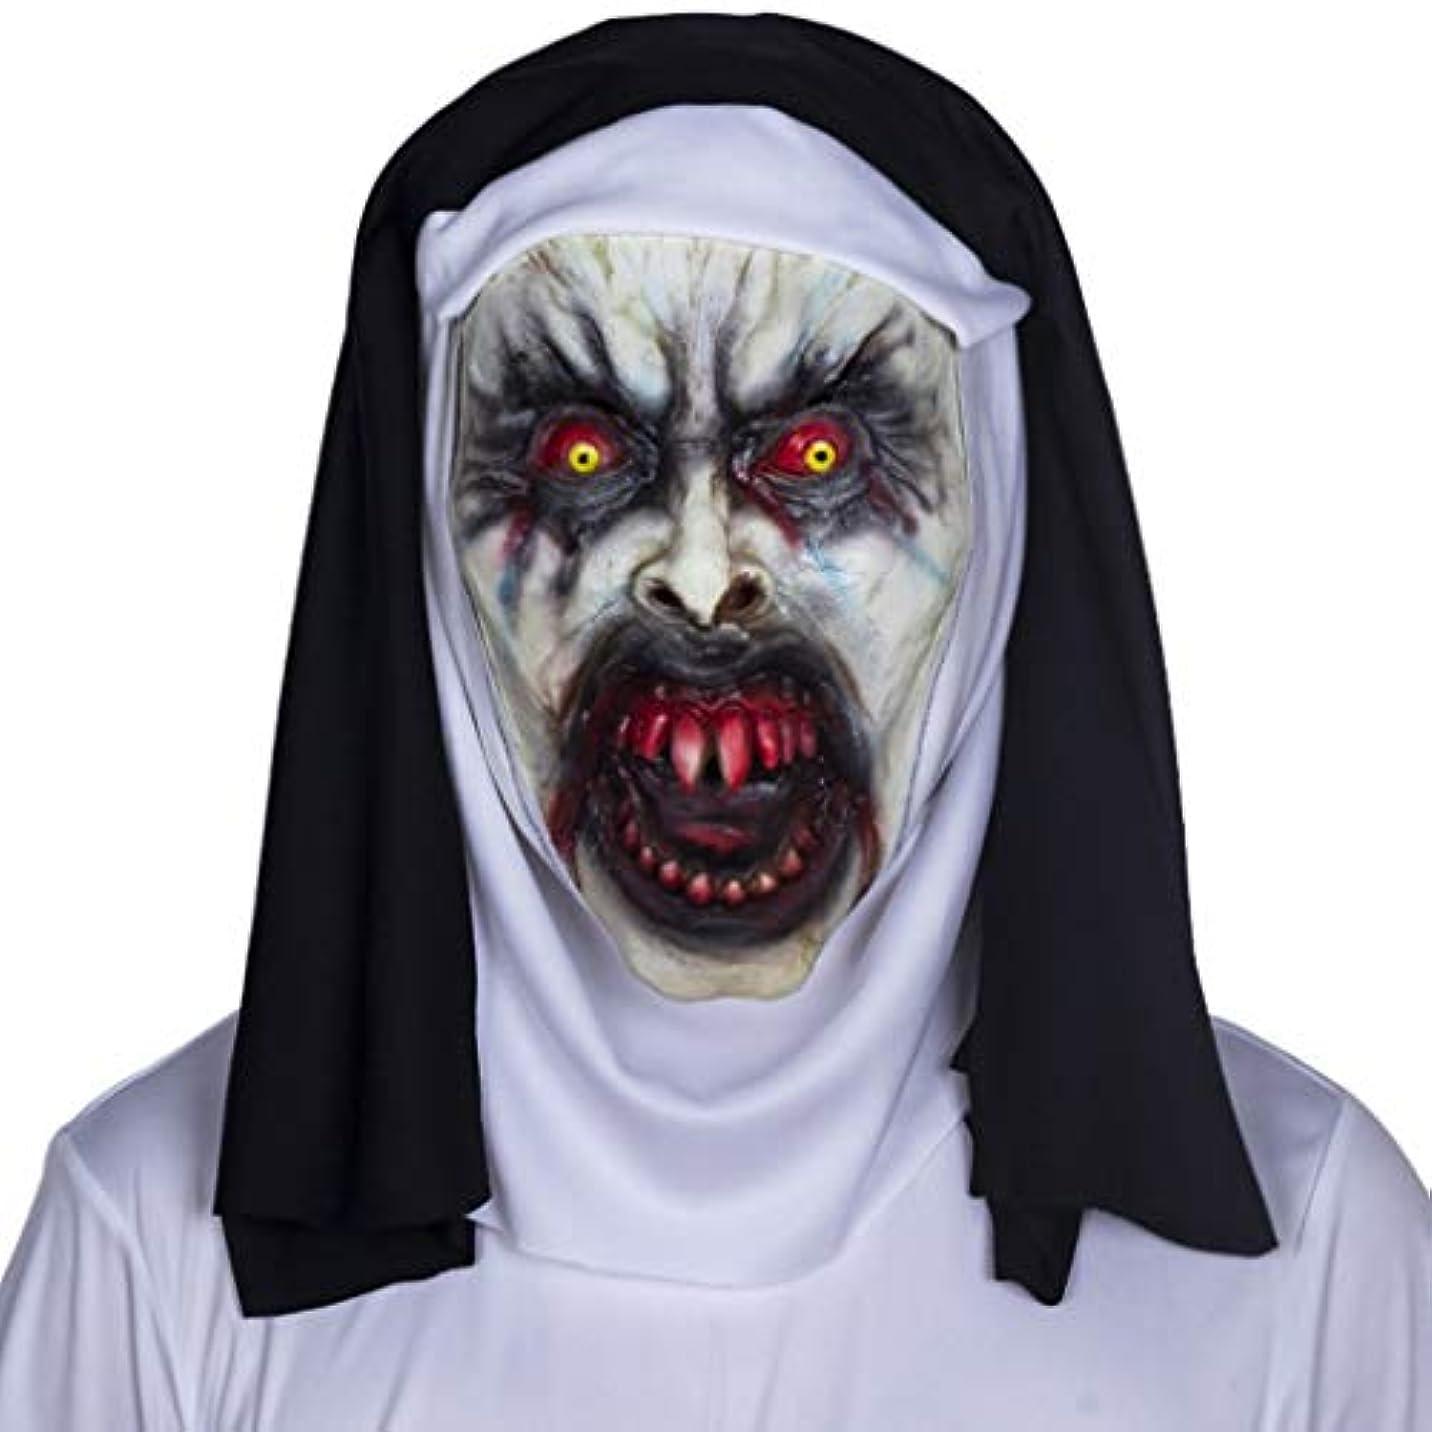 溶けるベーコン競争力のあるハロウィンラテックスマスクヘッドギアパーティーボールシスターズホラーデッドゴーストマスクは小道具をドレスアップ